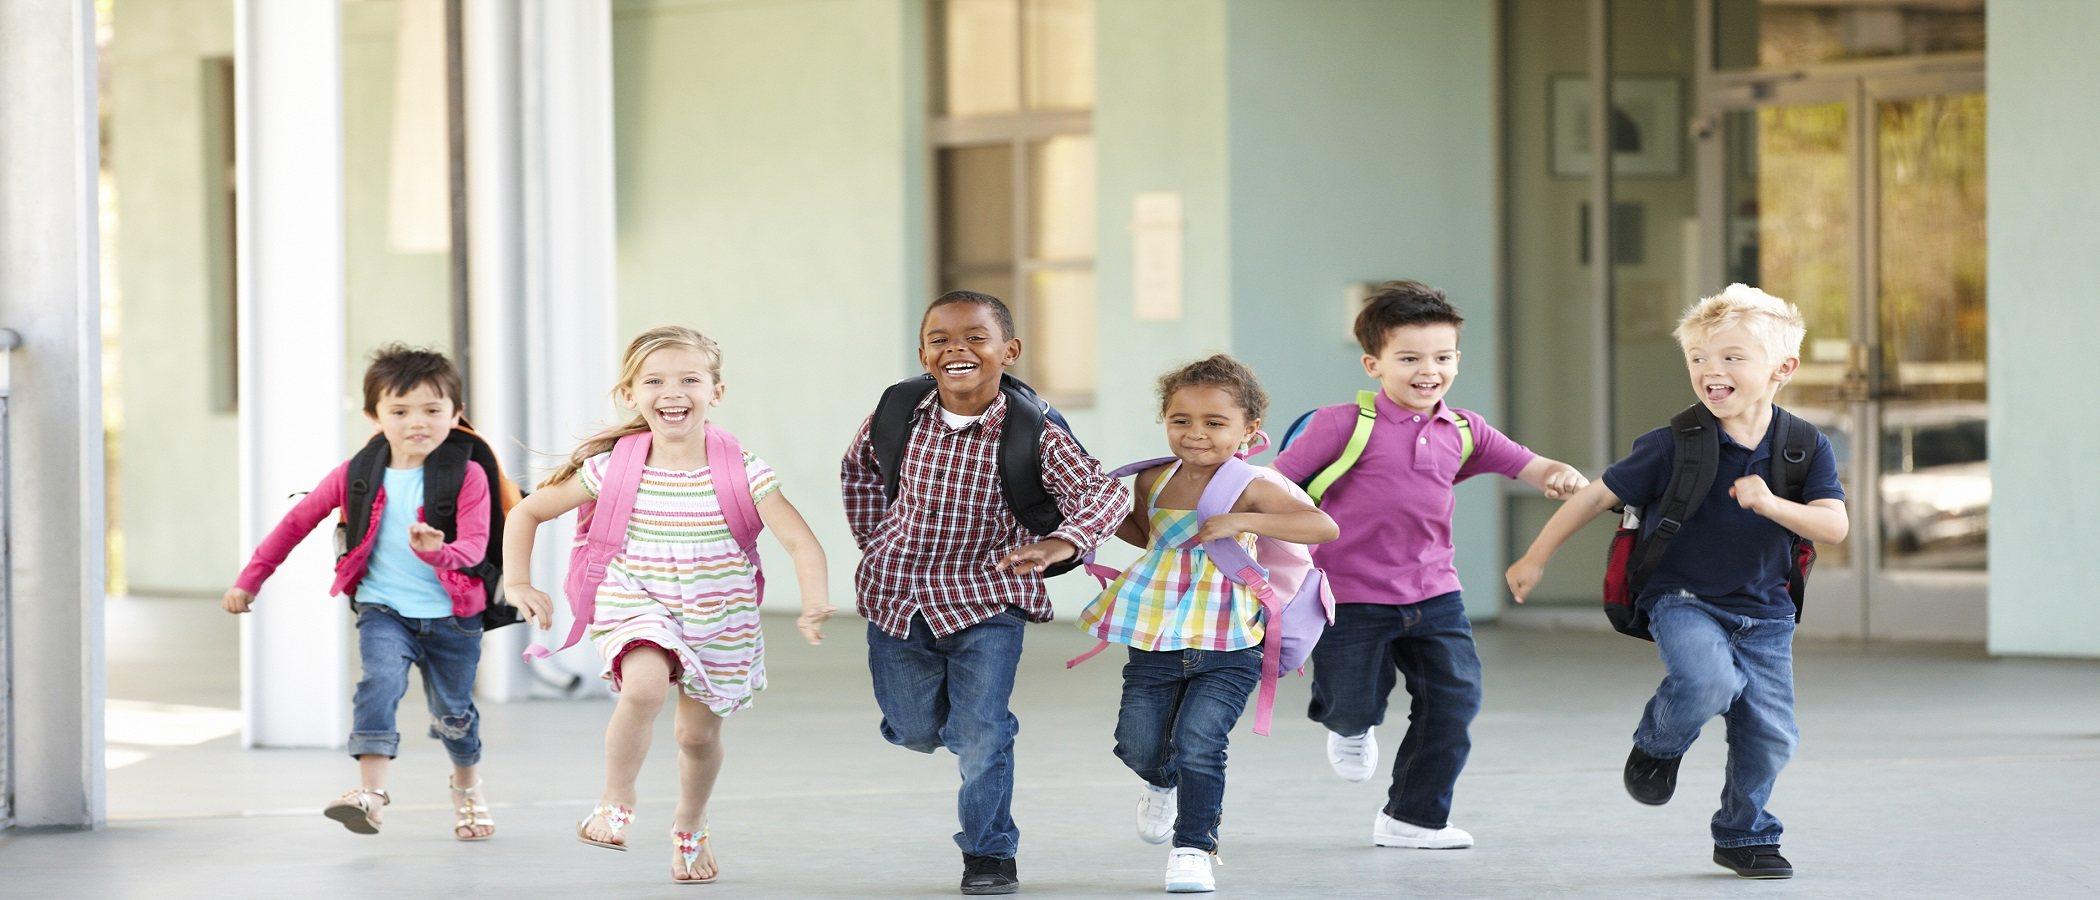 Pros y contras de las políticas de tolerancia cero en las escuelas